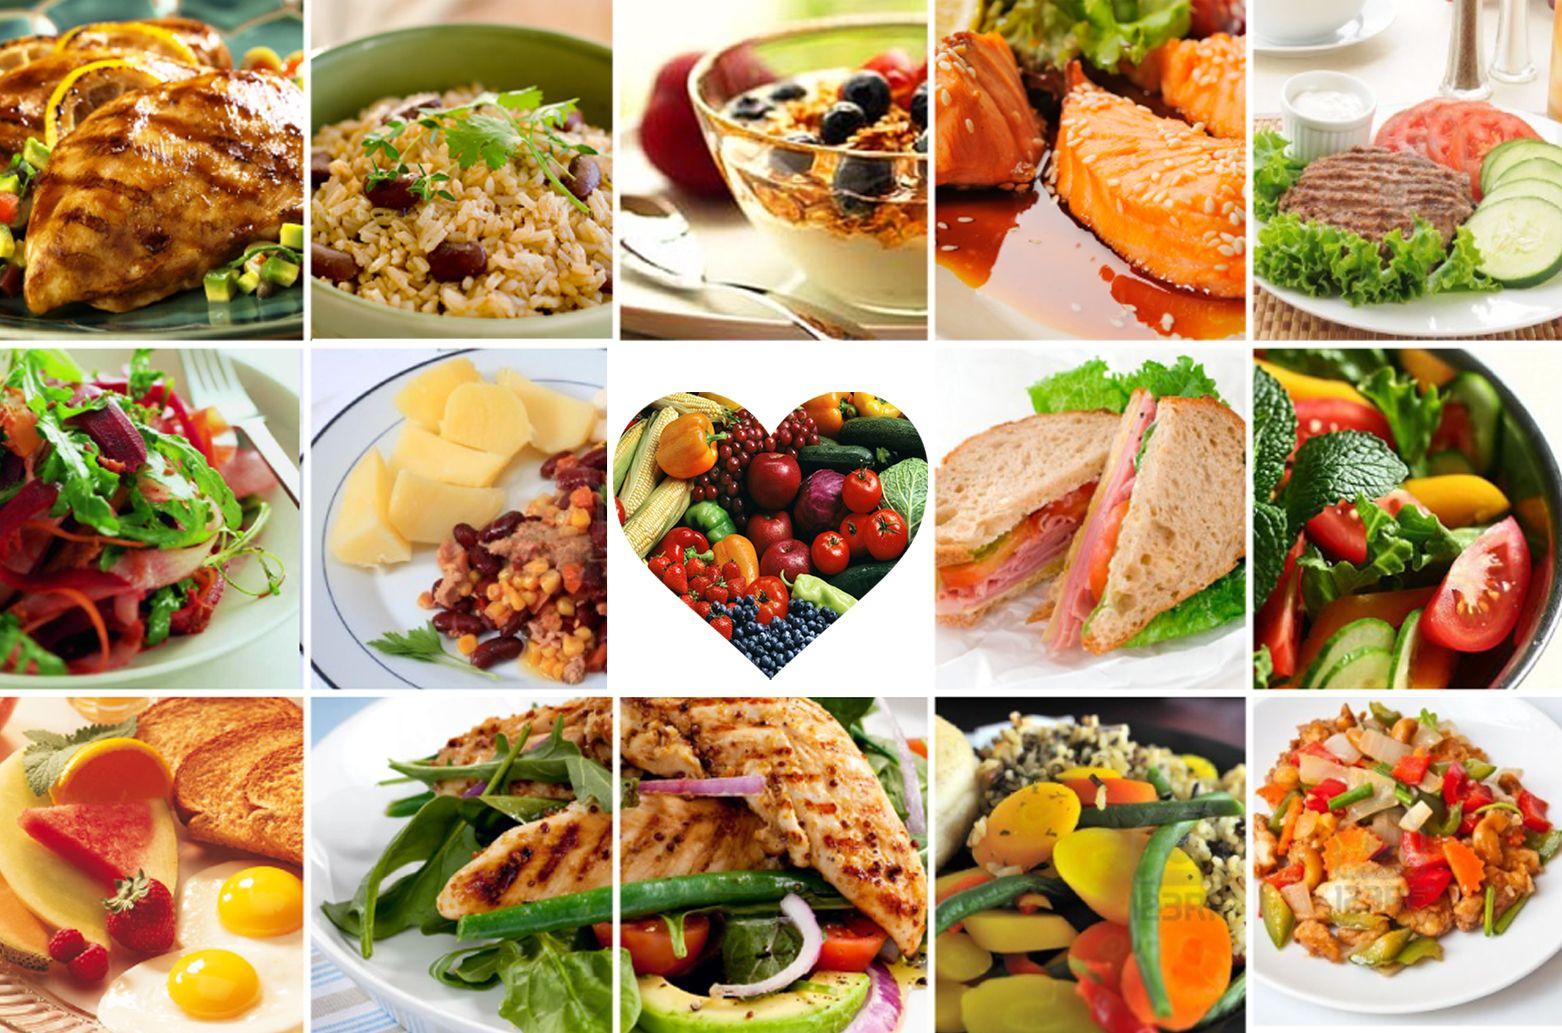 comida saludable  Buscar con Google  Healthy life